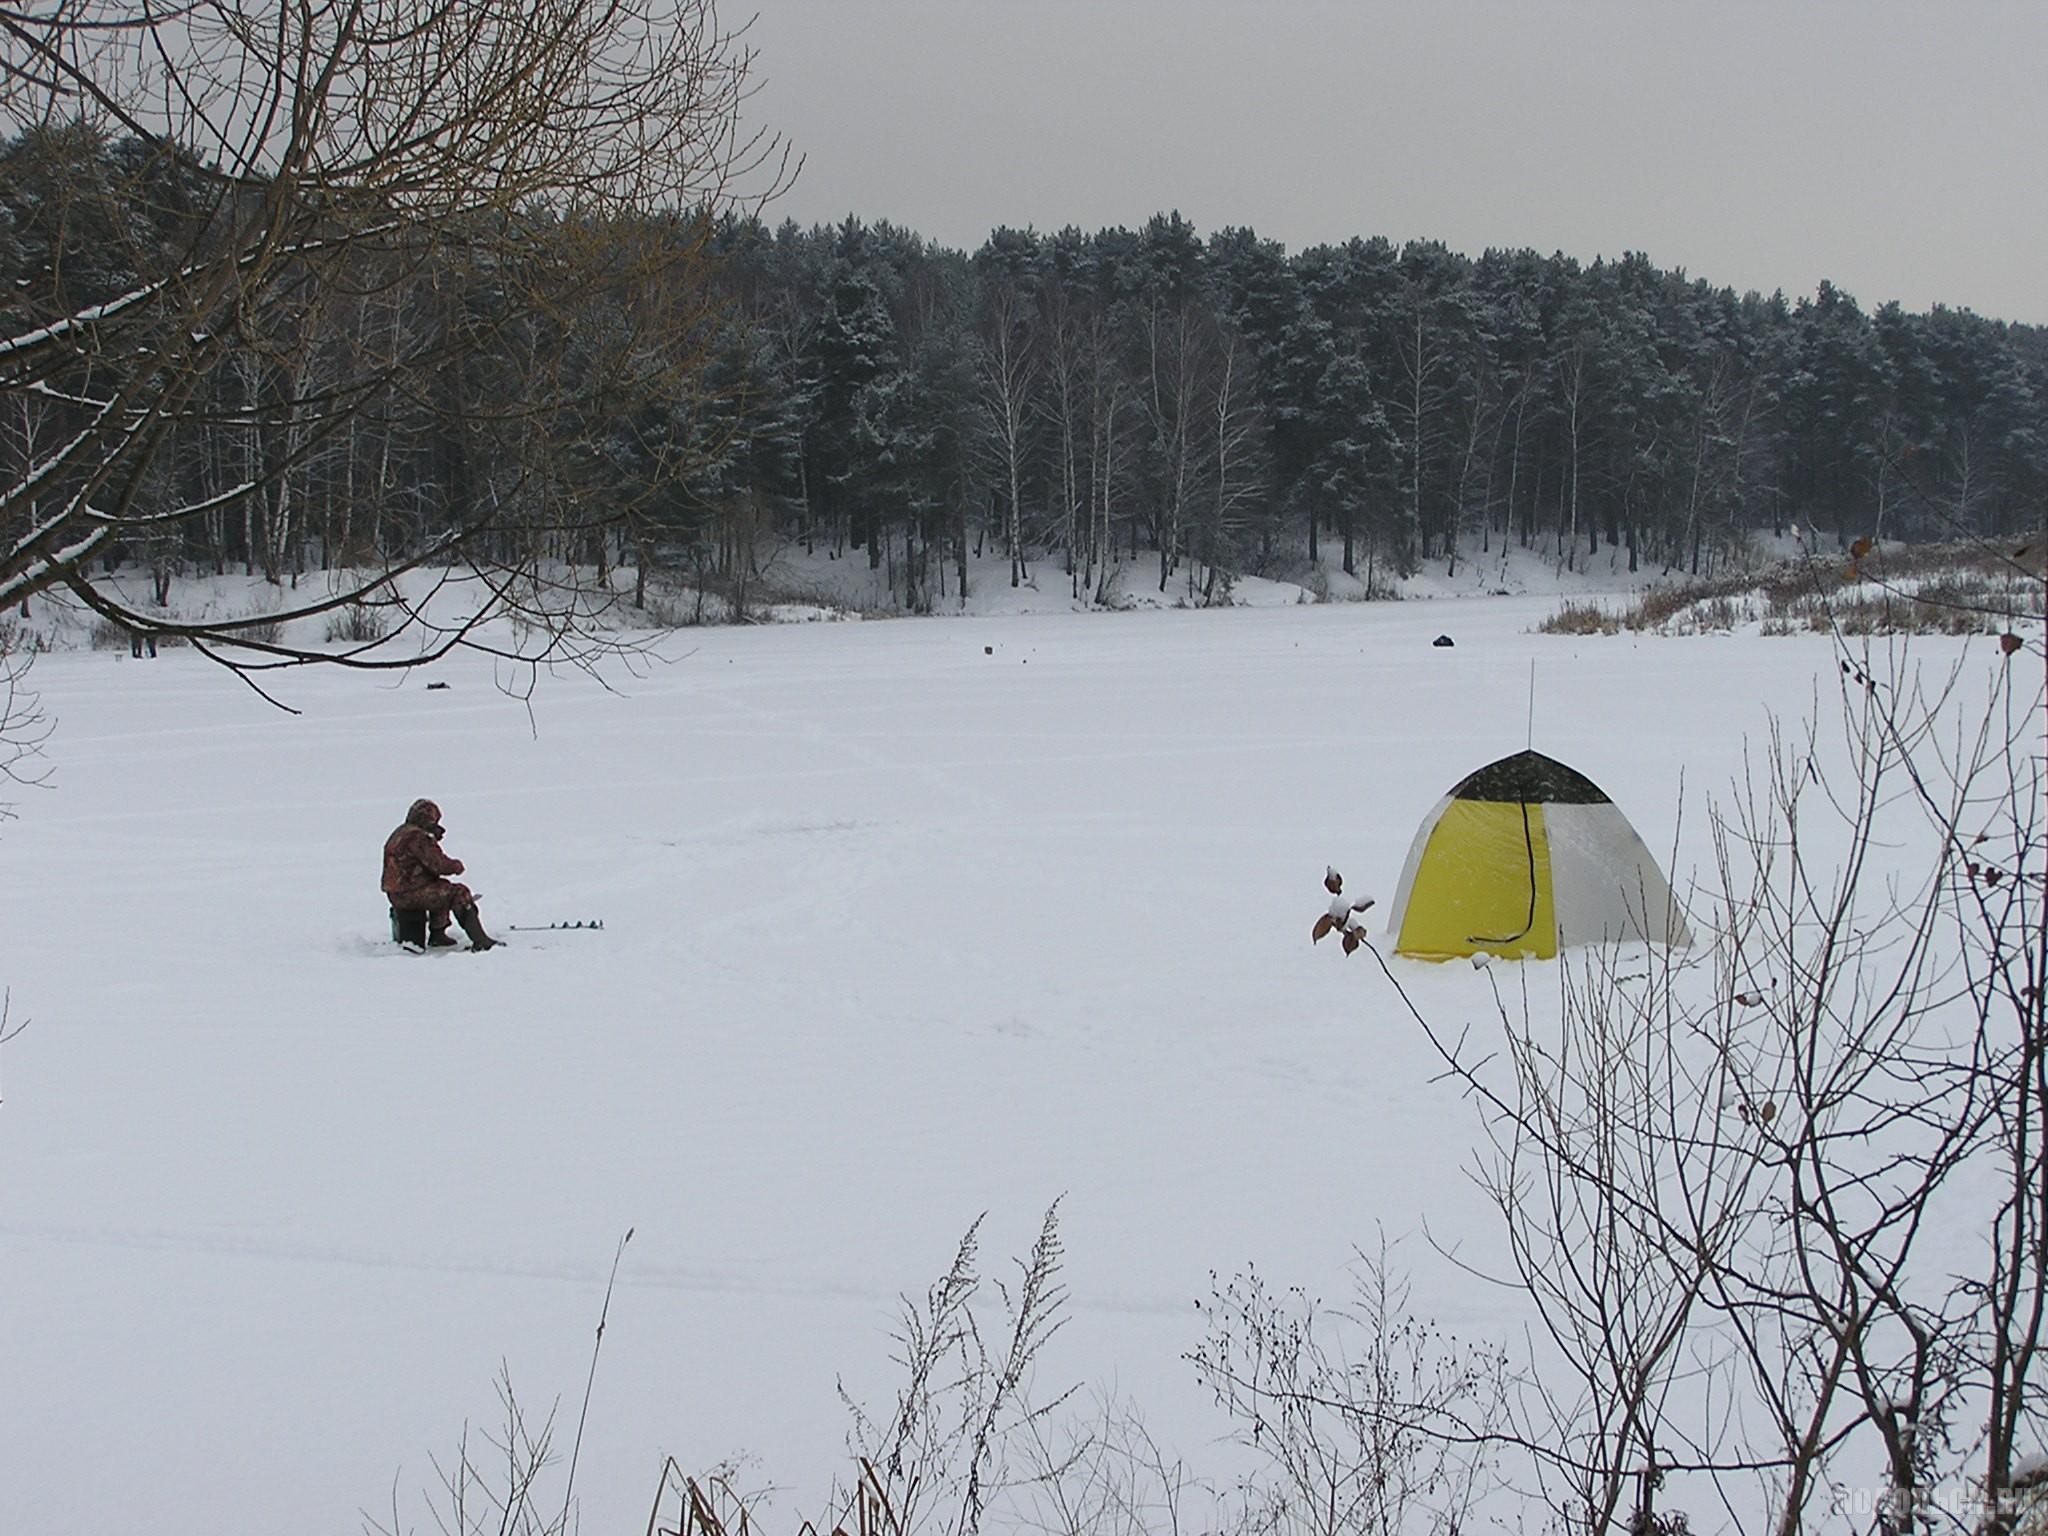 Зимняя рыбалка. Петрица. 3 декабря 2016 г.